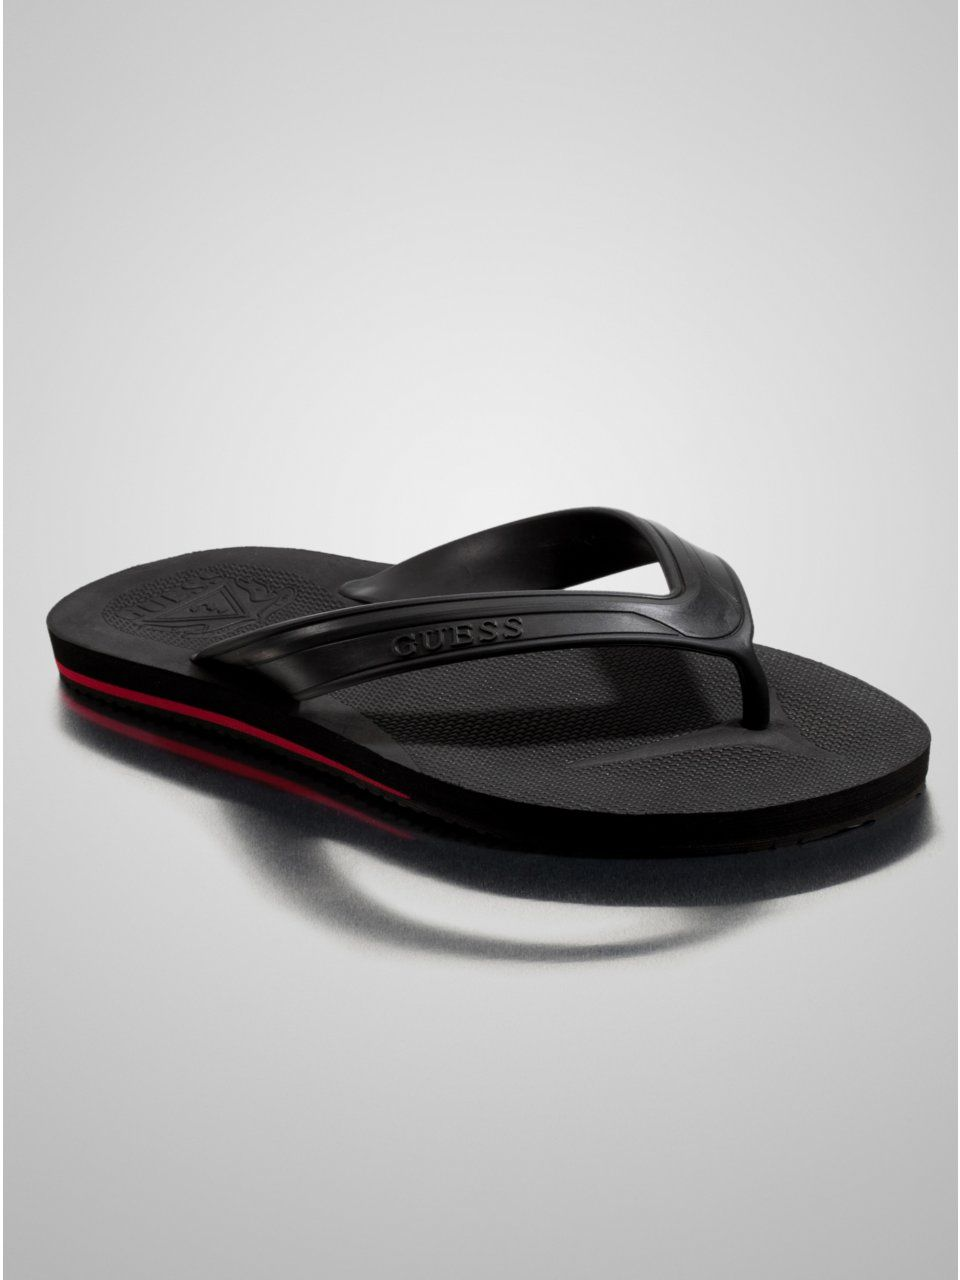 GUESS Splash Flip-Flops, BLACK (11)